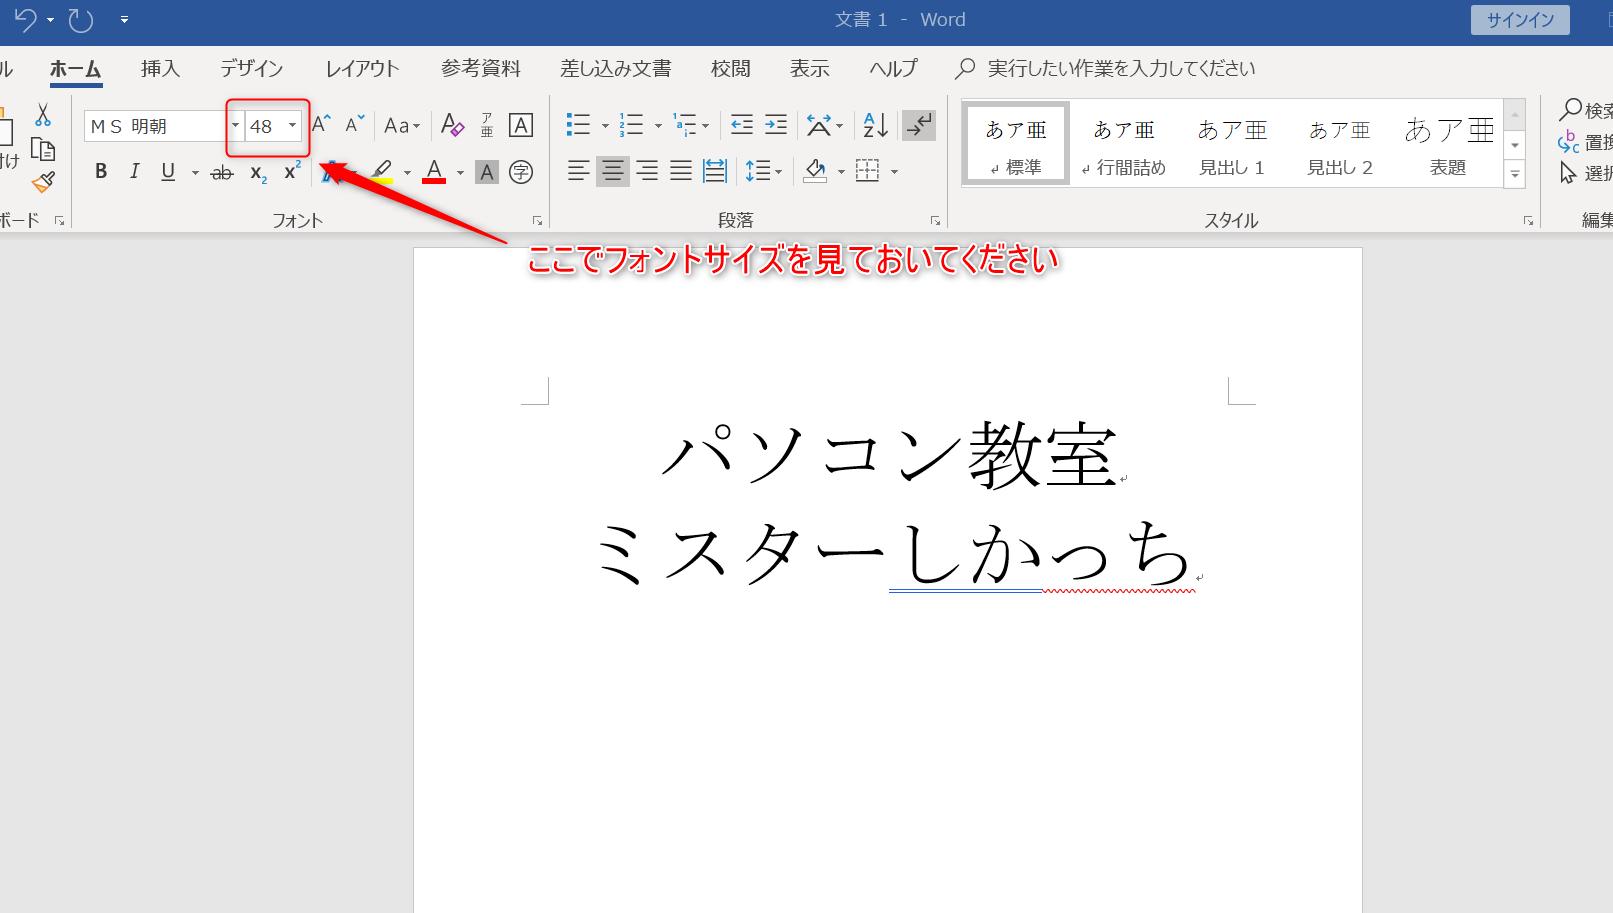 フォントサイズの変更項目がある場所を示しているワードの画像